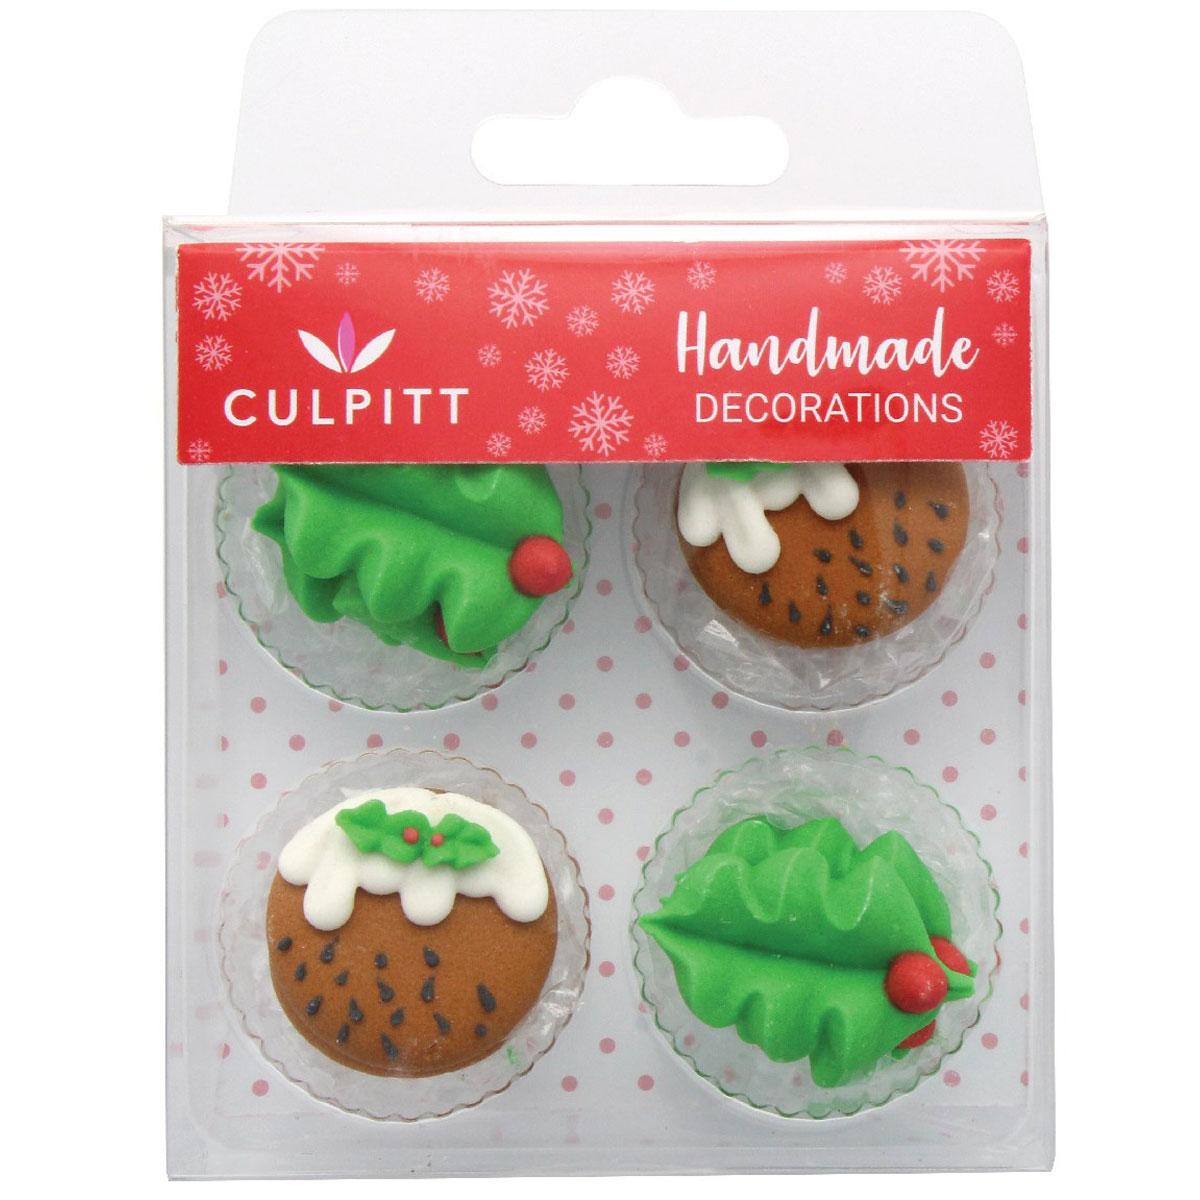 Culpitt Zuckerdeko Christmas Pudding & Holly